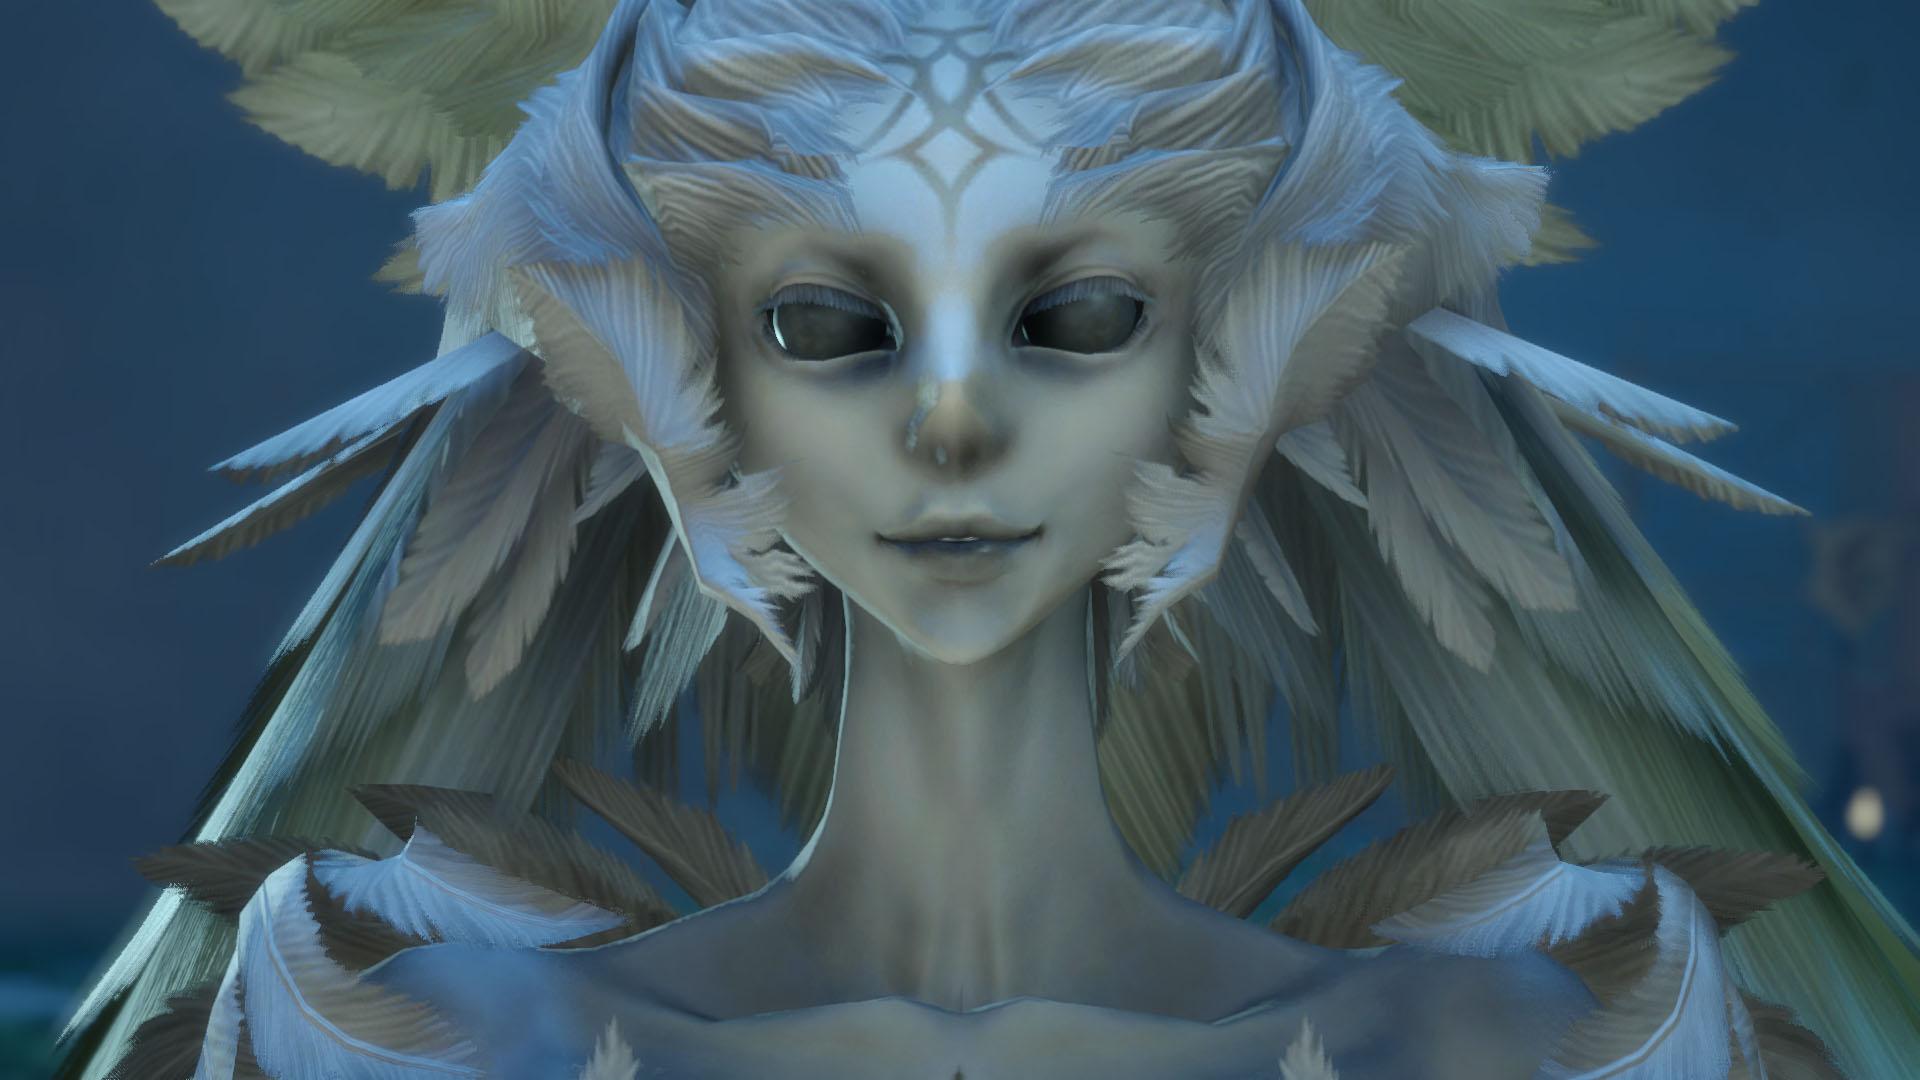 Final Fantasy XV x Final Fantasy XIV Online: costumi e Garuda nel mondo di Eos dal 13 Dicembre!